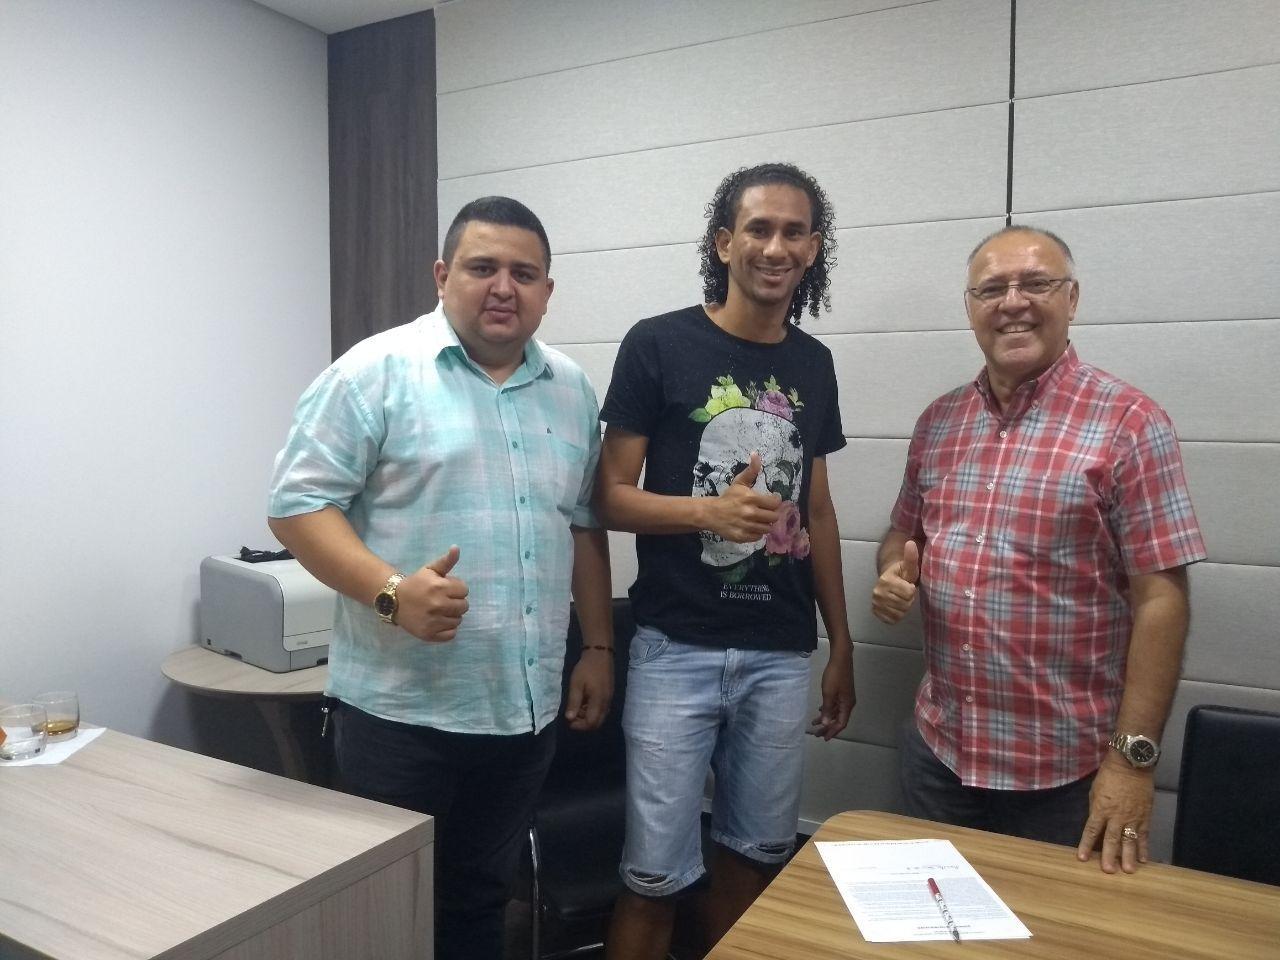 O bom filho a casa torna: Hamilton está de volta ao Manaus